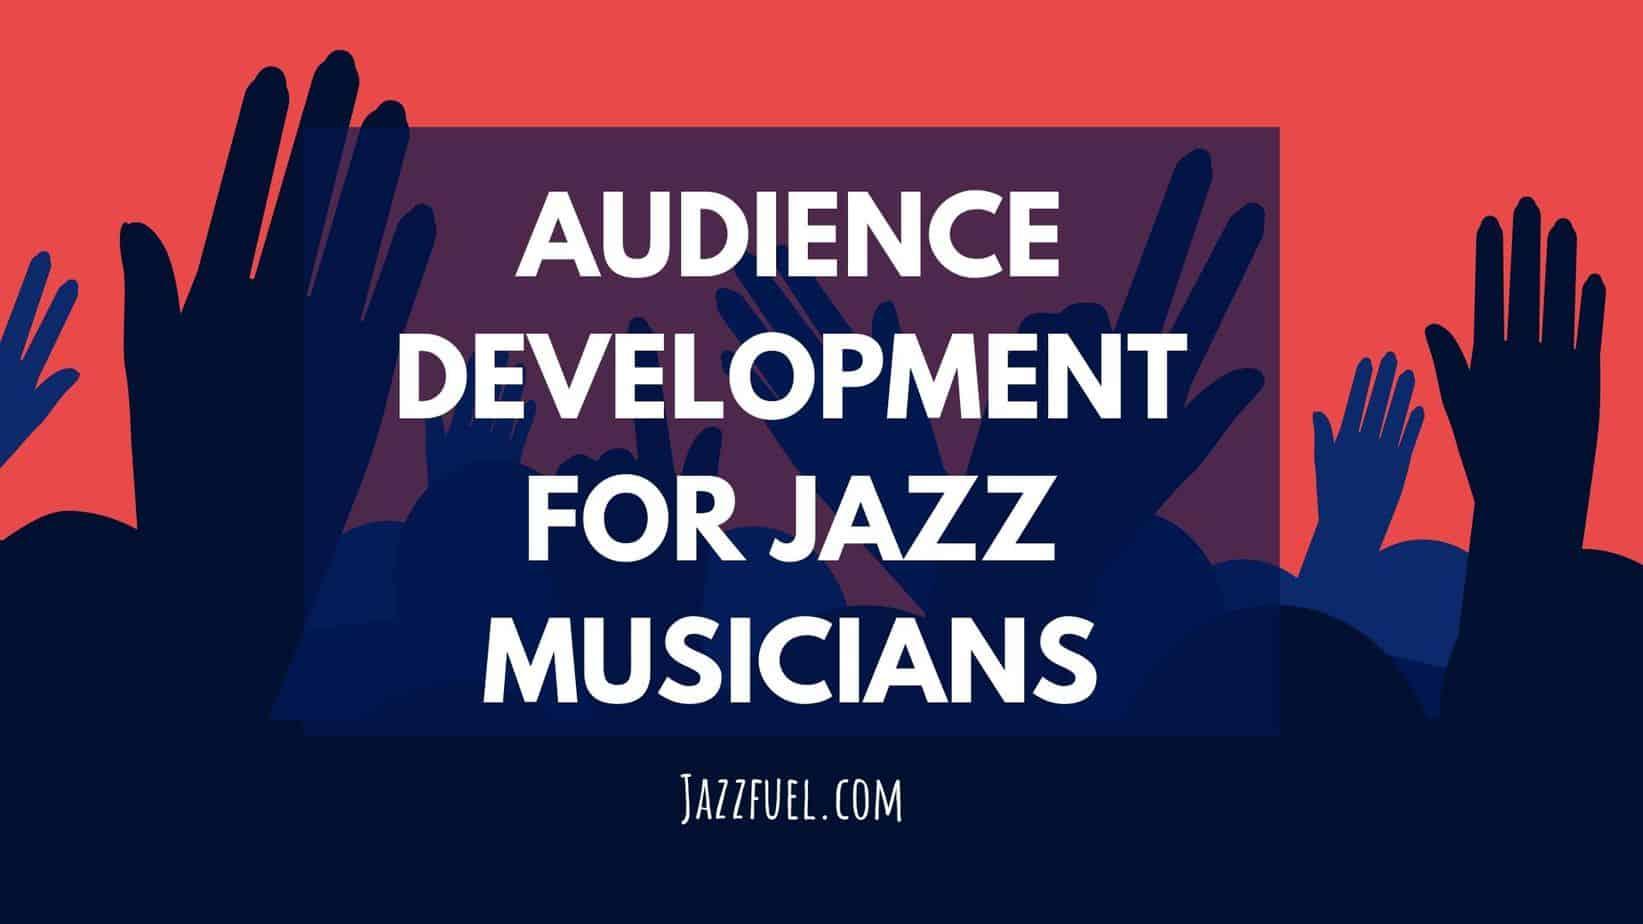 audience development & fans